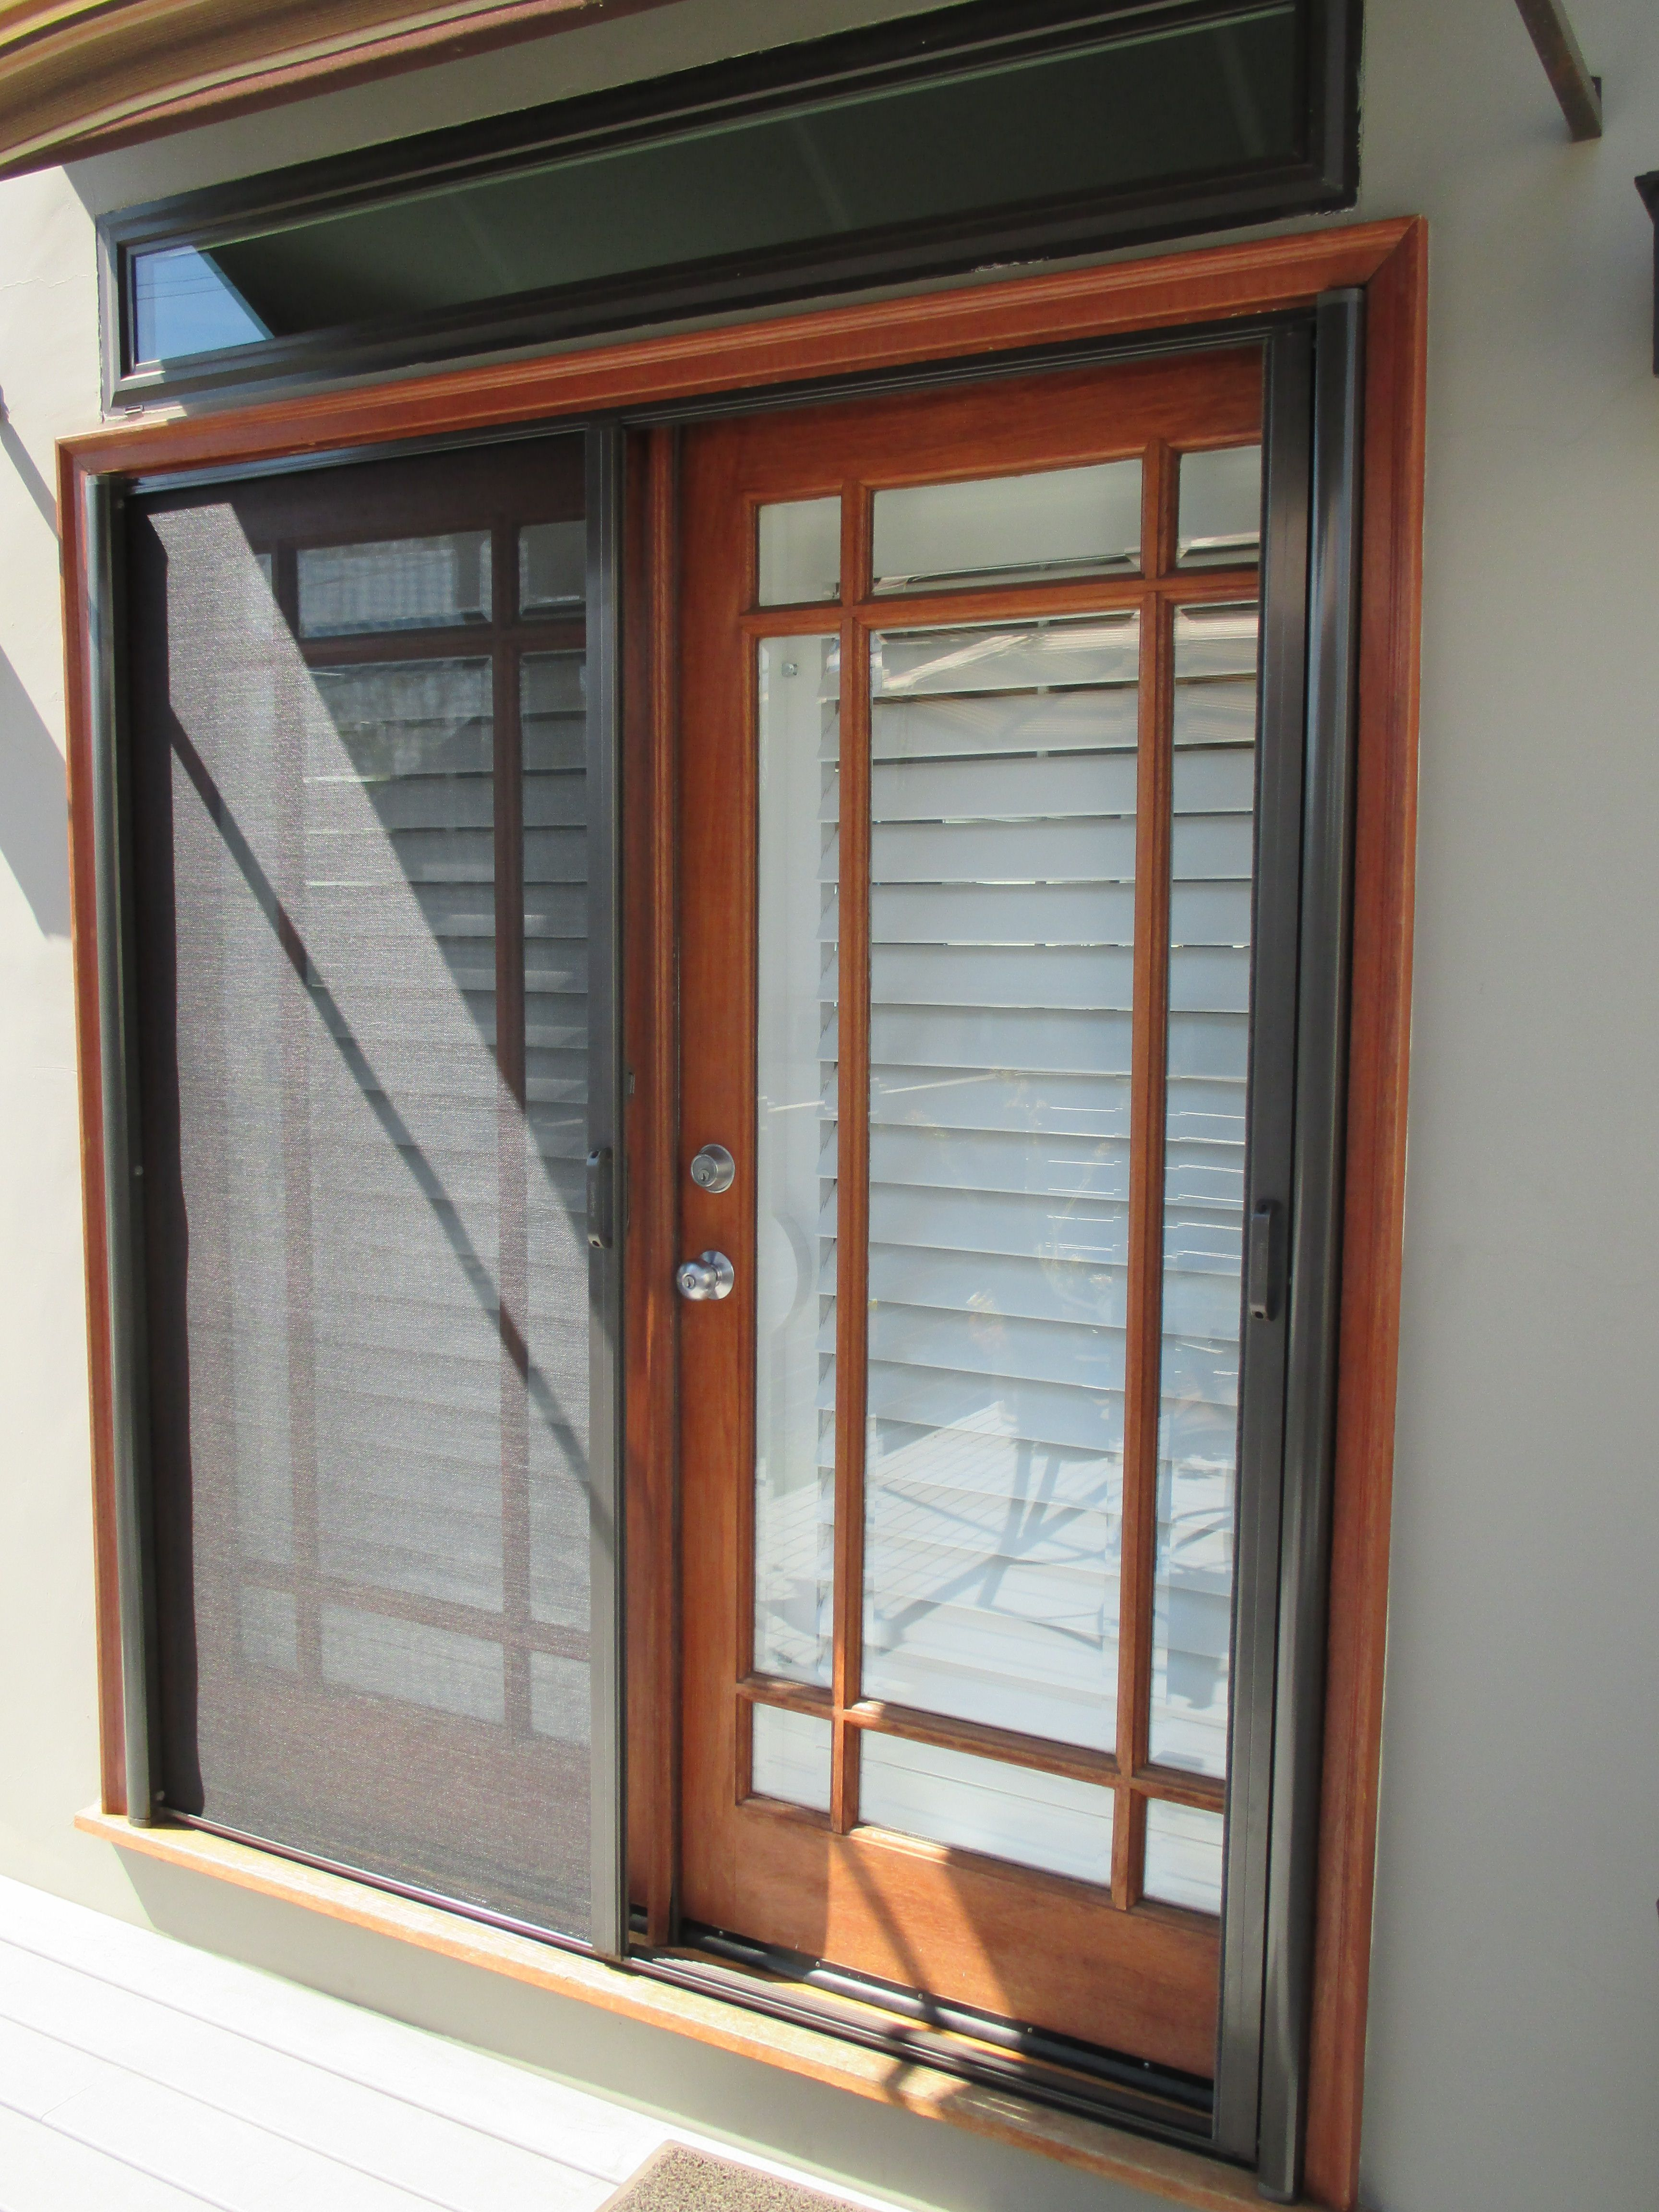 Double Door Retractable StowAway Screen installed on these beautiful french doors in Orange County California & Double Door Retractable StowAway Screen installed on these ...